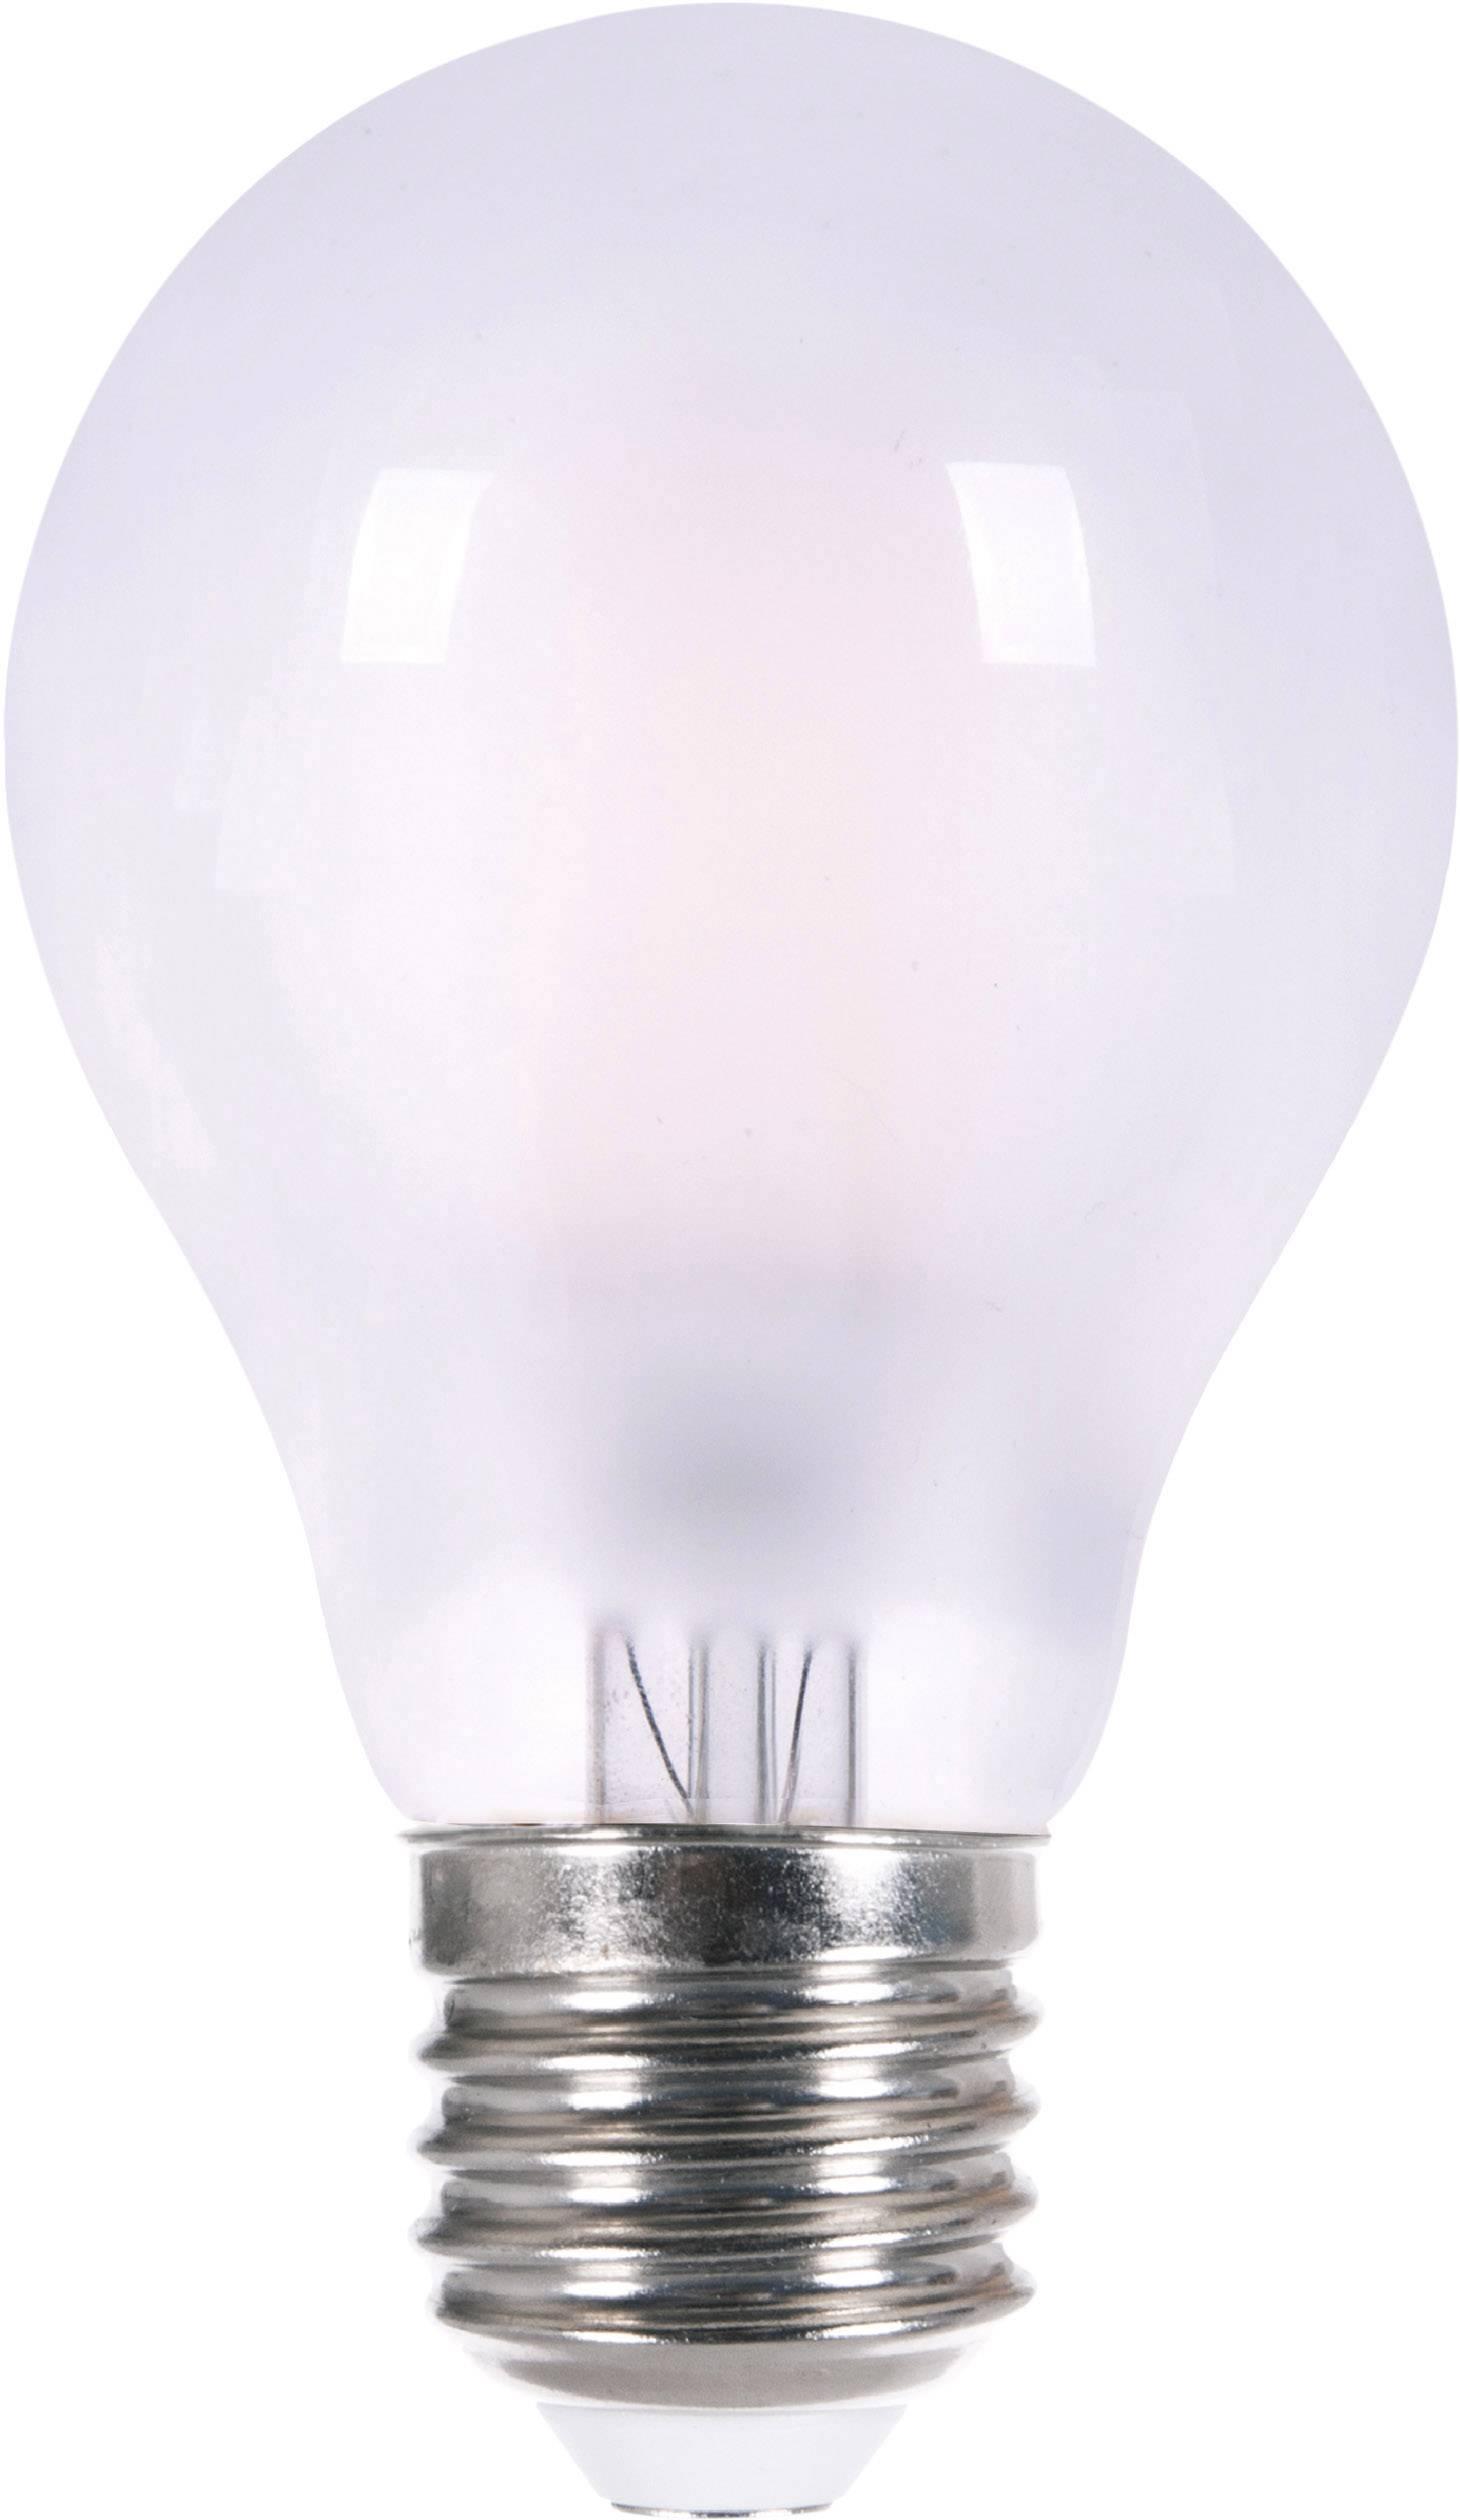 LED žiarovka LightMe LM85175 230 V, 5 W = 40 W, teplá biela, A+, vlákno, 1 ks